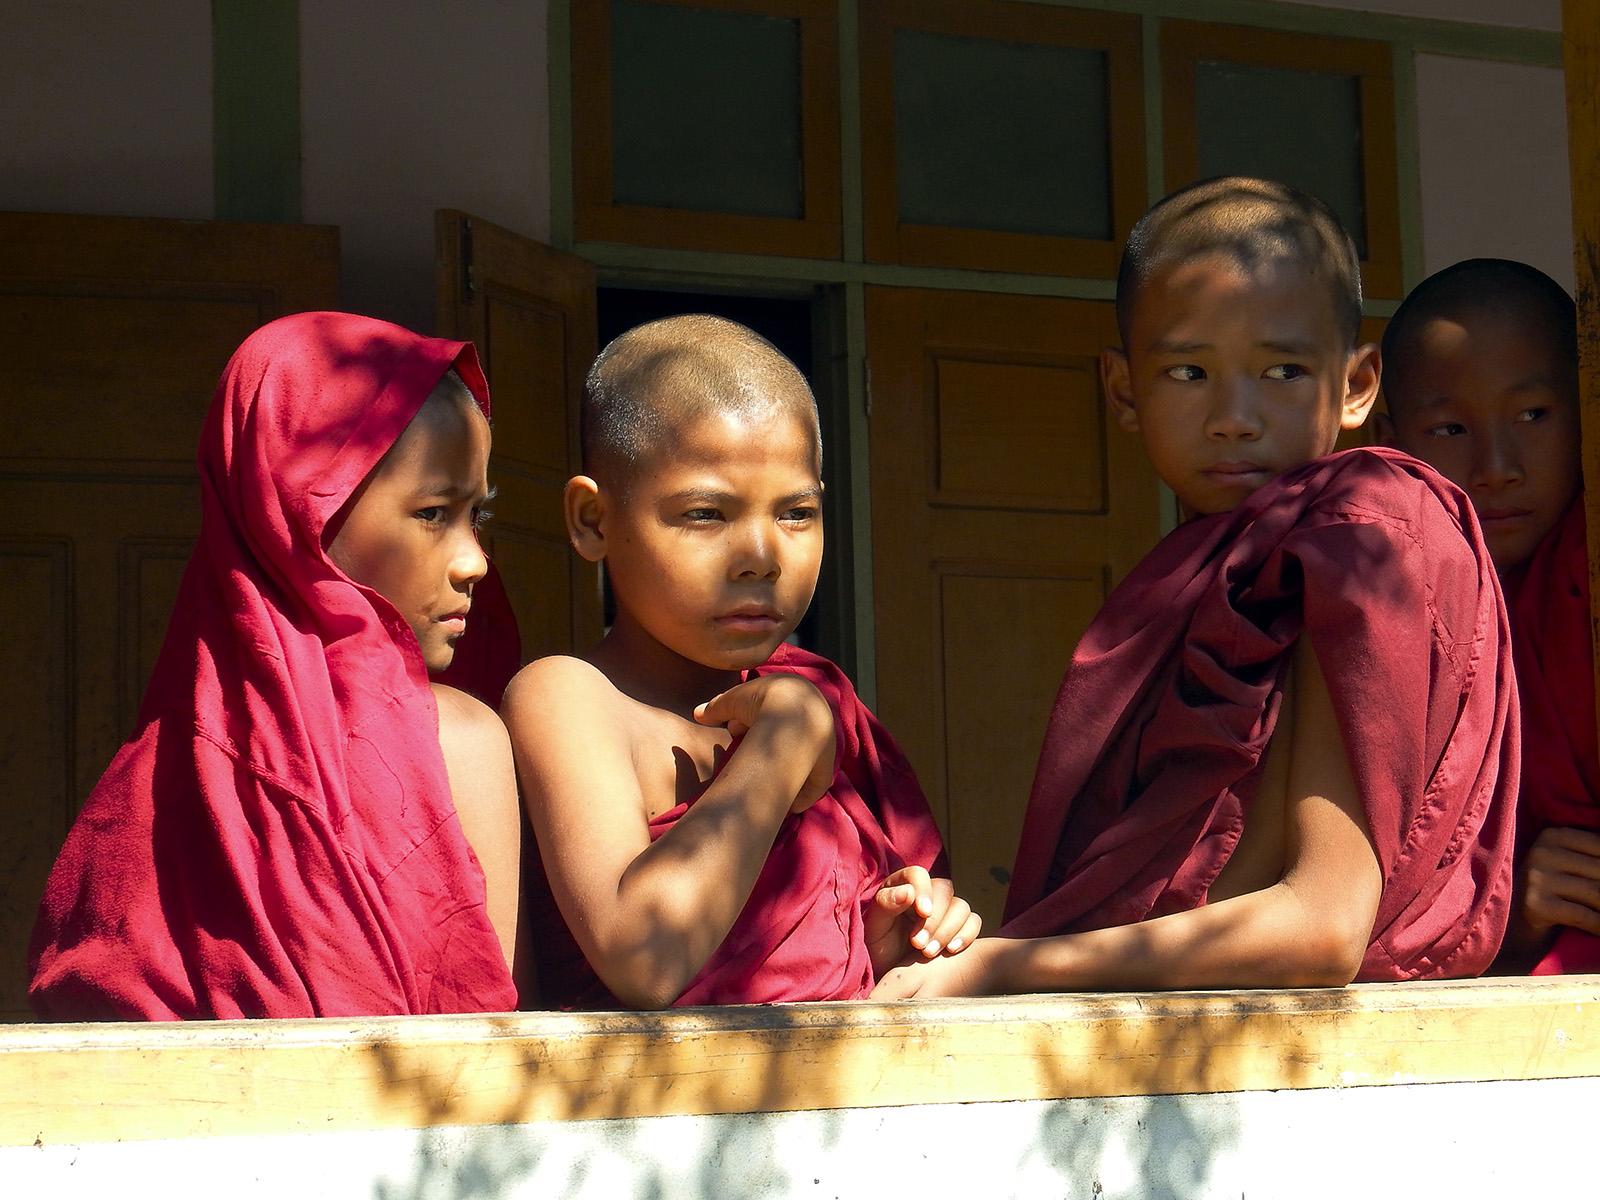 Reflections of Myanmar